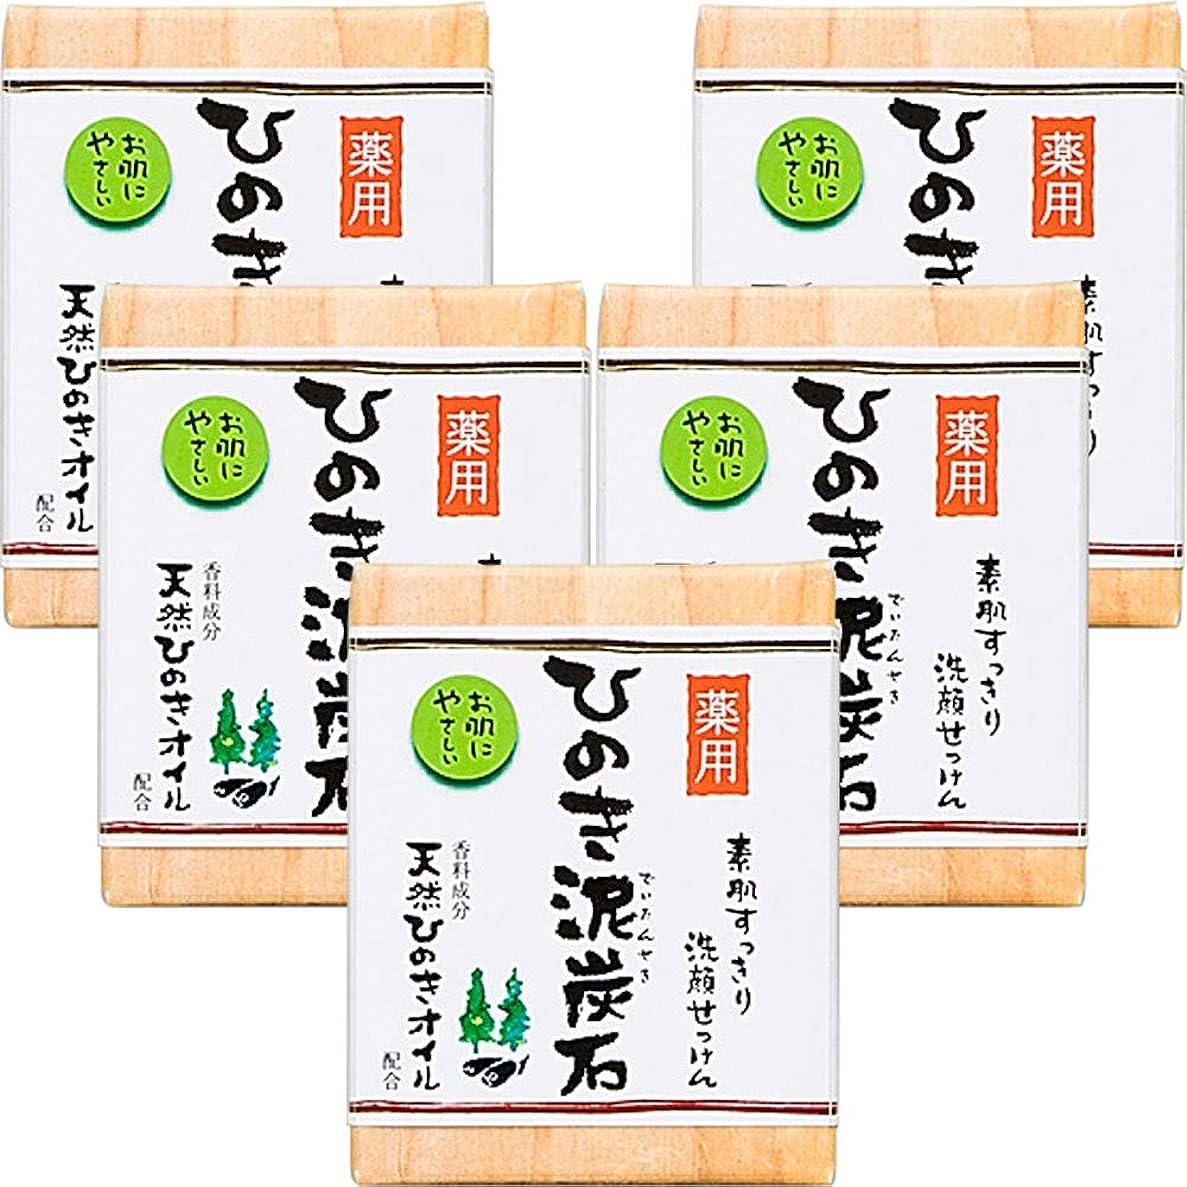 ご近所入場聖人薬用 ひのき泥炭石 (75g×5個) 洗顔 石けん [天然ひのきオイル配合] 肌荒れ防止